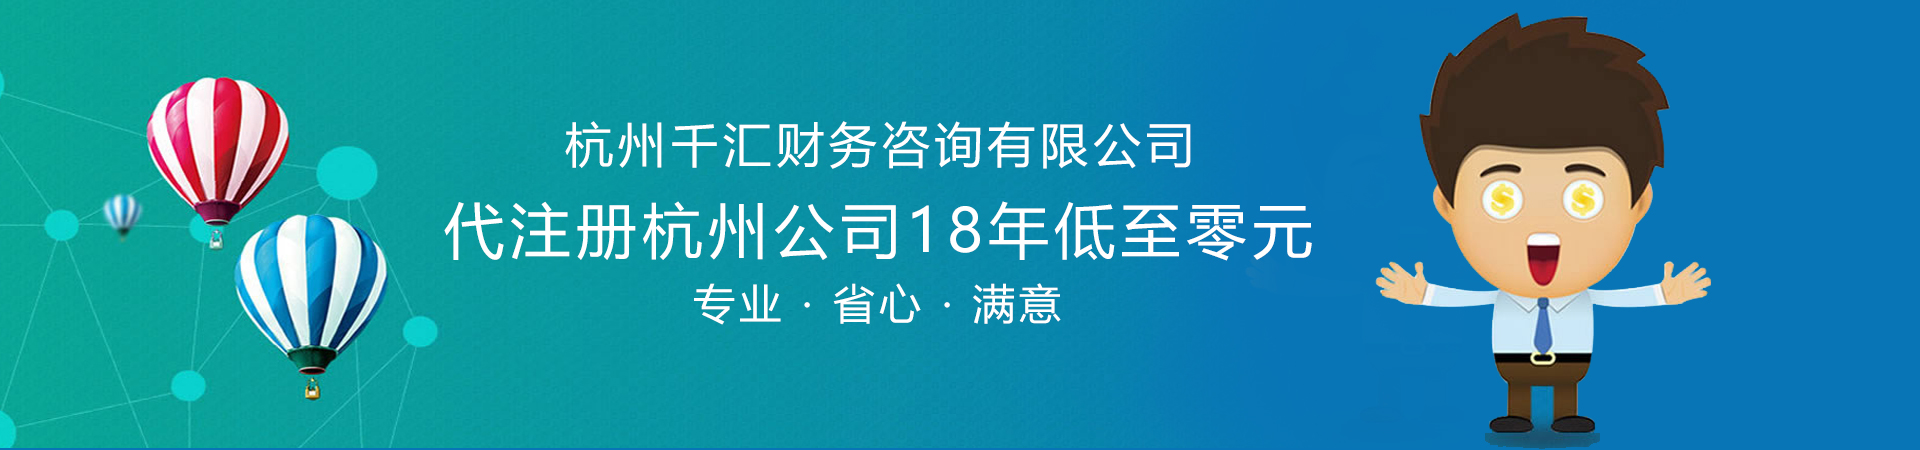 杭州千汇财务咨询有限公司